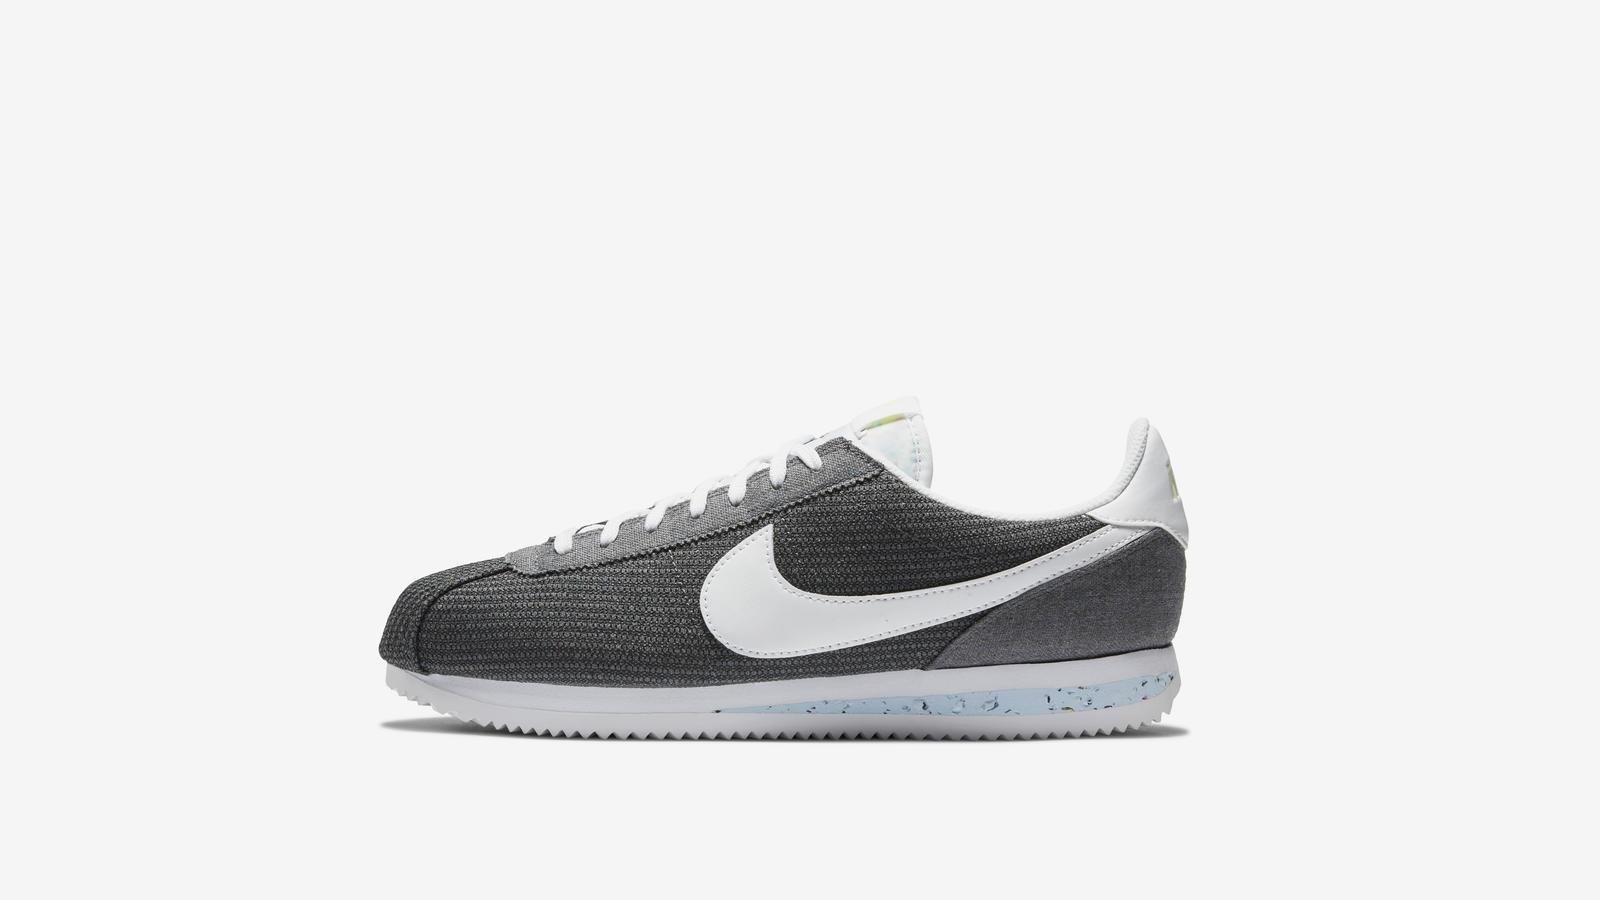 Nike Air Force 1, Air Max 90, Air Max